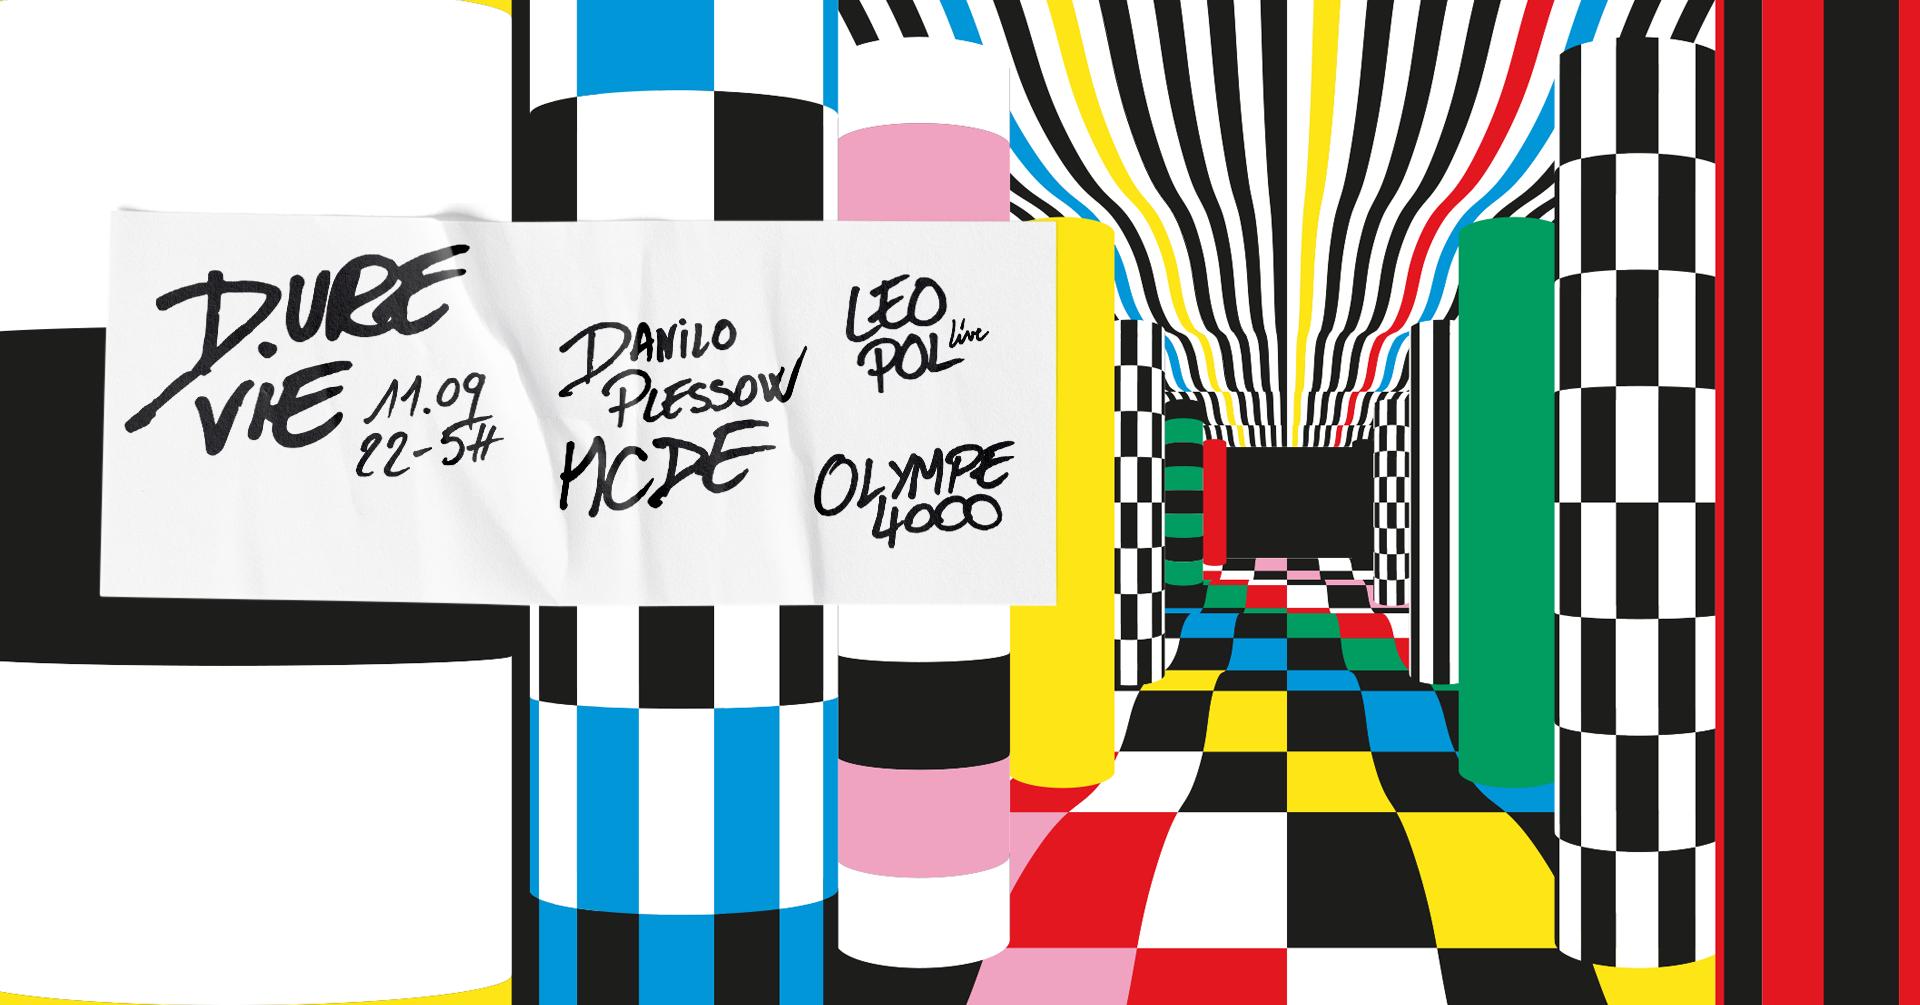 Dure Vie x Kilomètre25 : Danilo Plessow / MCDE, DJ Boring